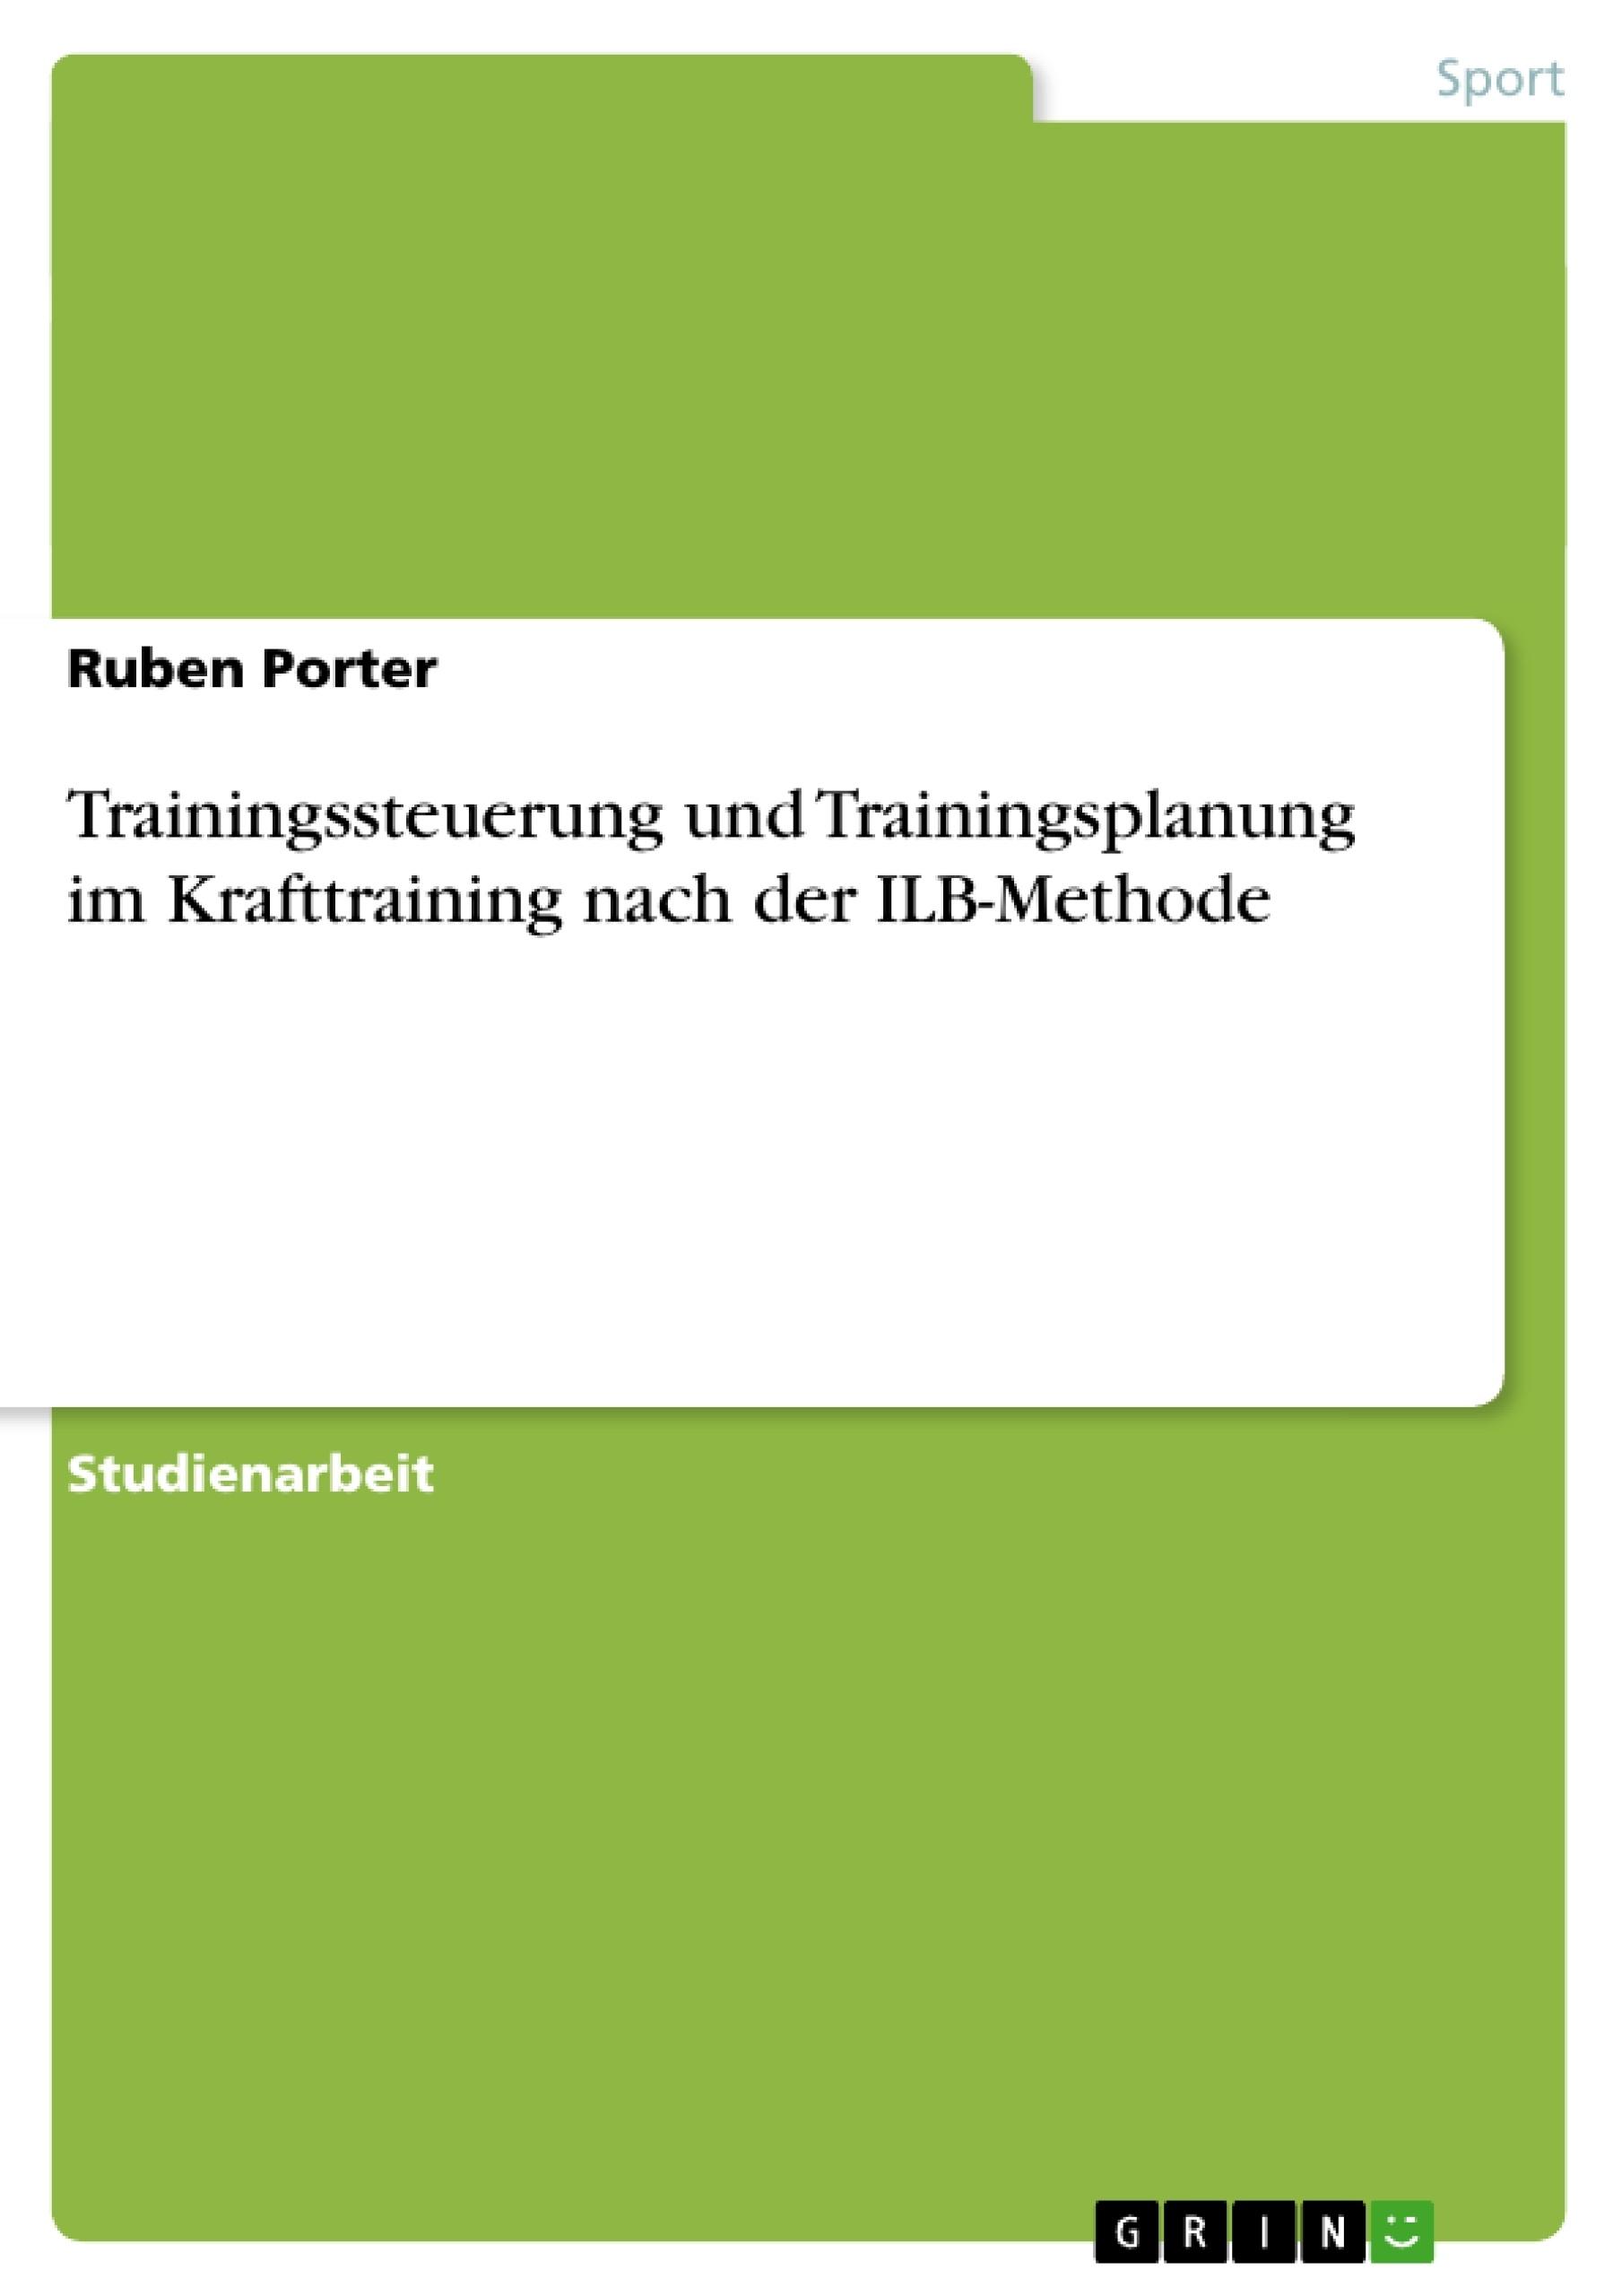 Titel: Trainingssteuerung und Trainingsplanung im Krafttraining nach der ILB-Methode